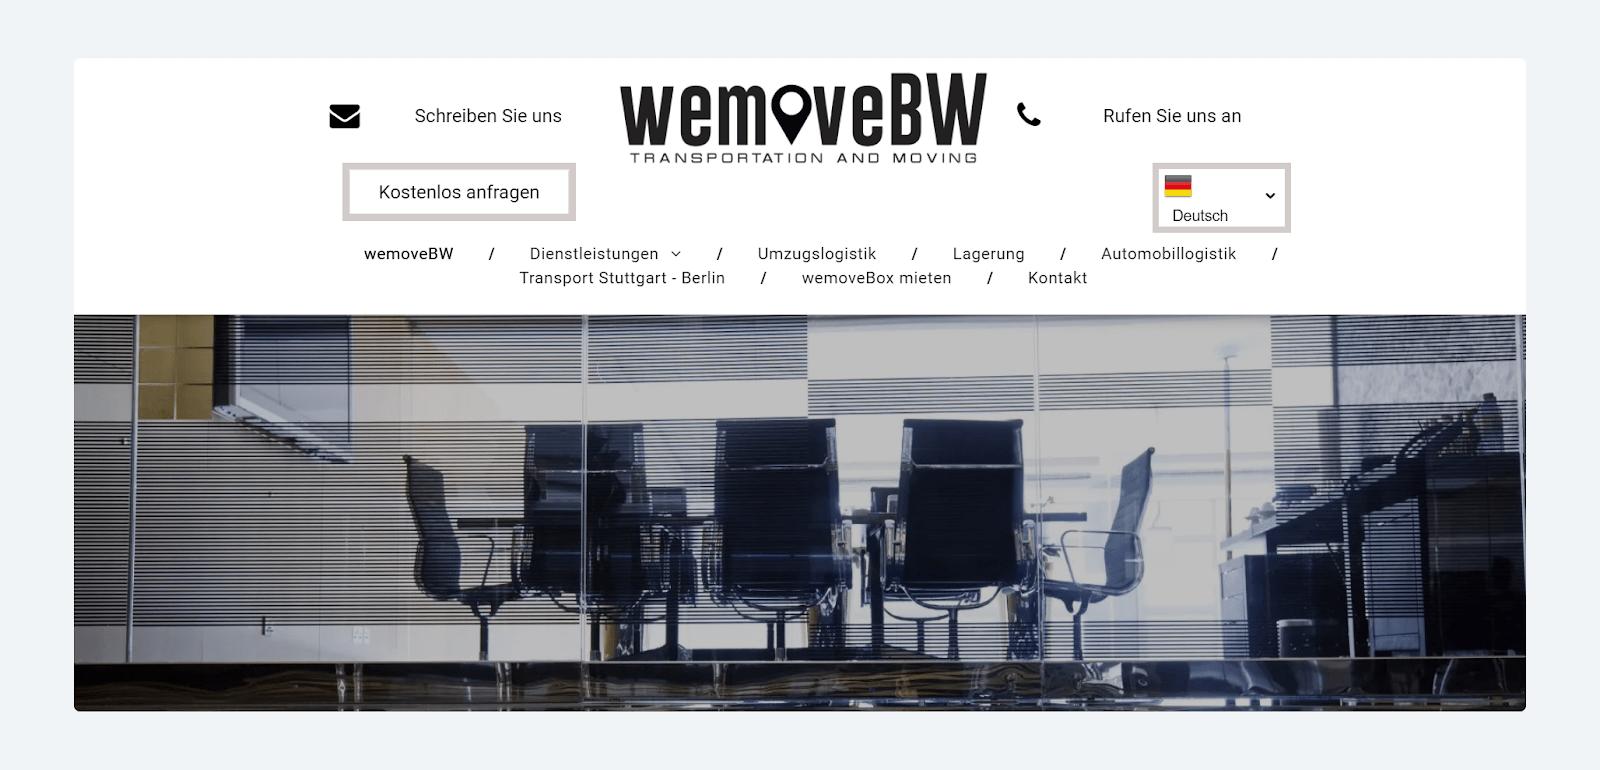 WemoveBW